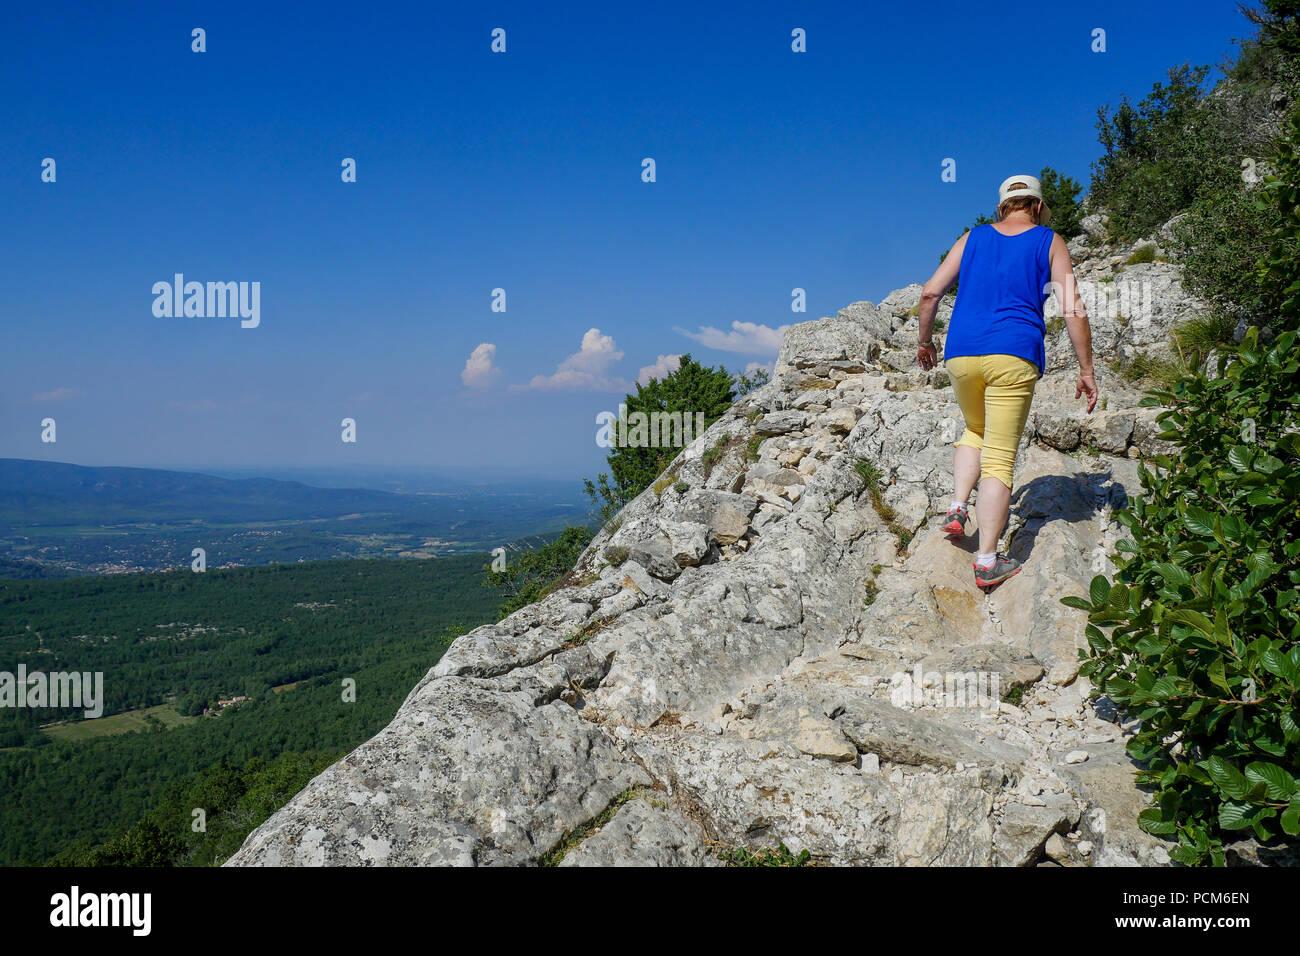 Escursioni in montagna, Sainte-Baume, Var, Francia Immagini Stock